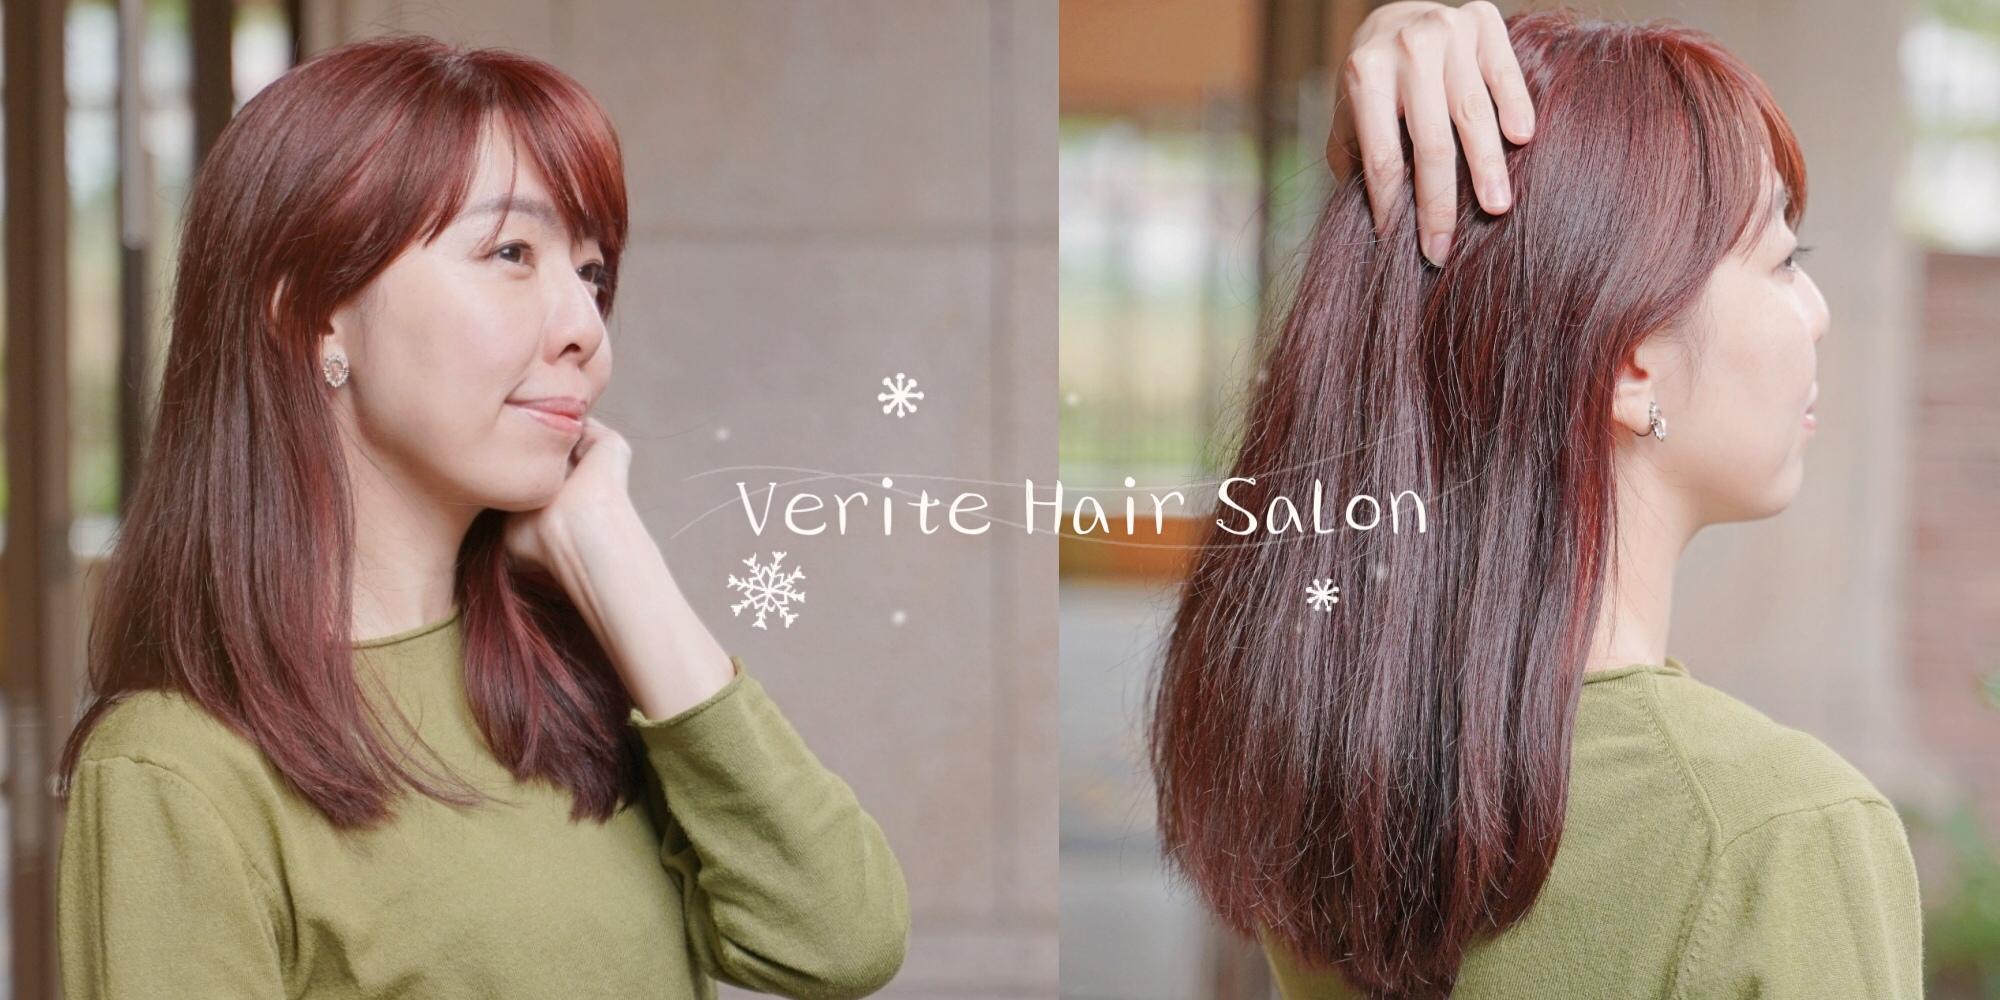 淡水新市鎮美髮院推薦|Verite Hair Salon|迷人的秋冬髮色玫瑰霧粉|巴黎卡詩護髮推薦